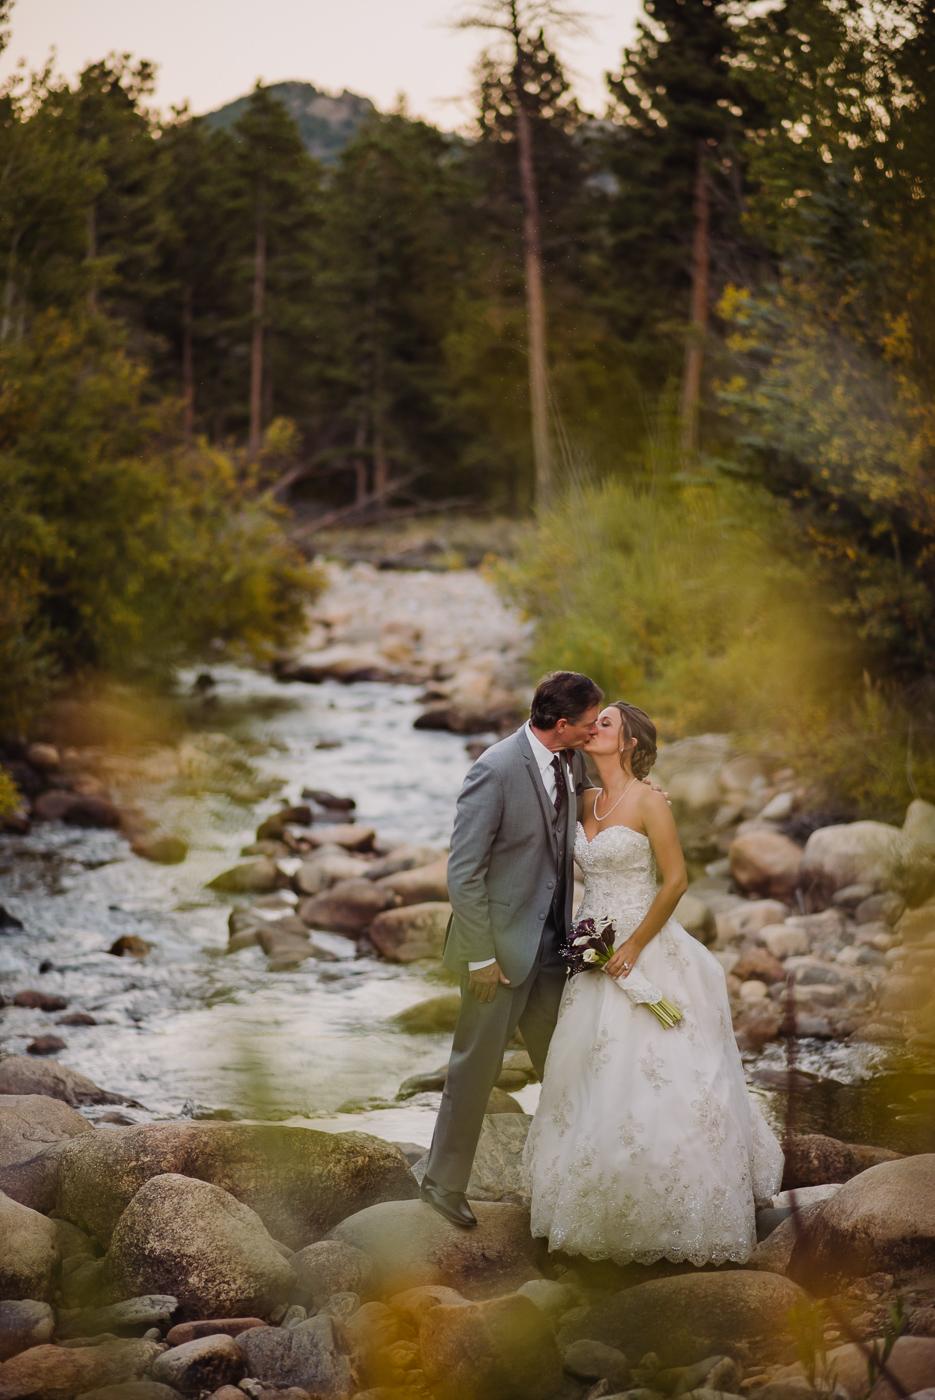 PHOCO Della Terra wedding photography colorado estes park-13.jpg